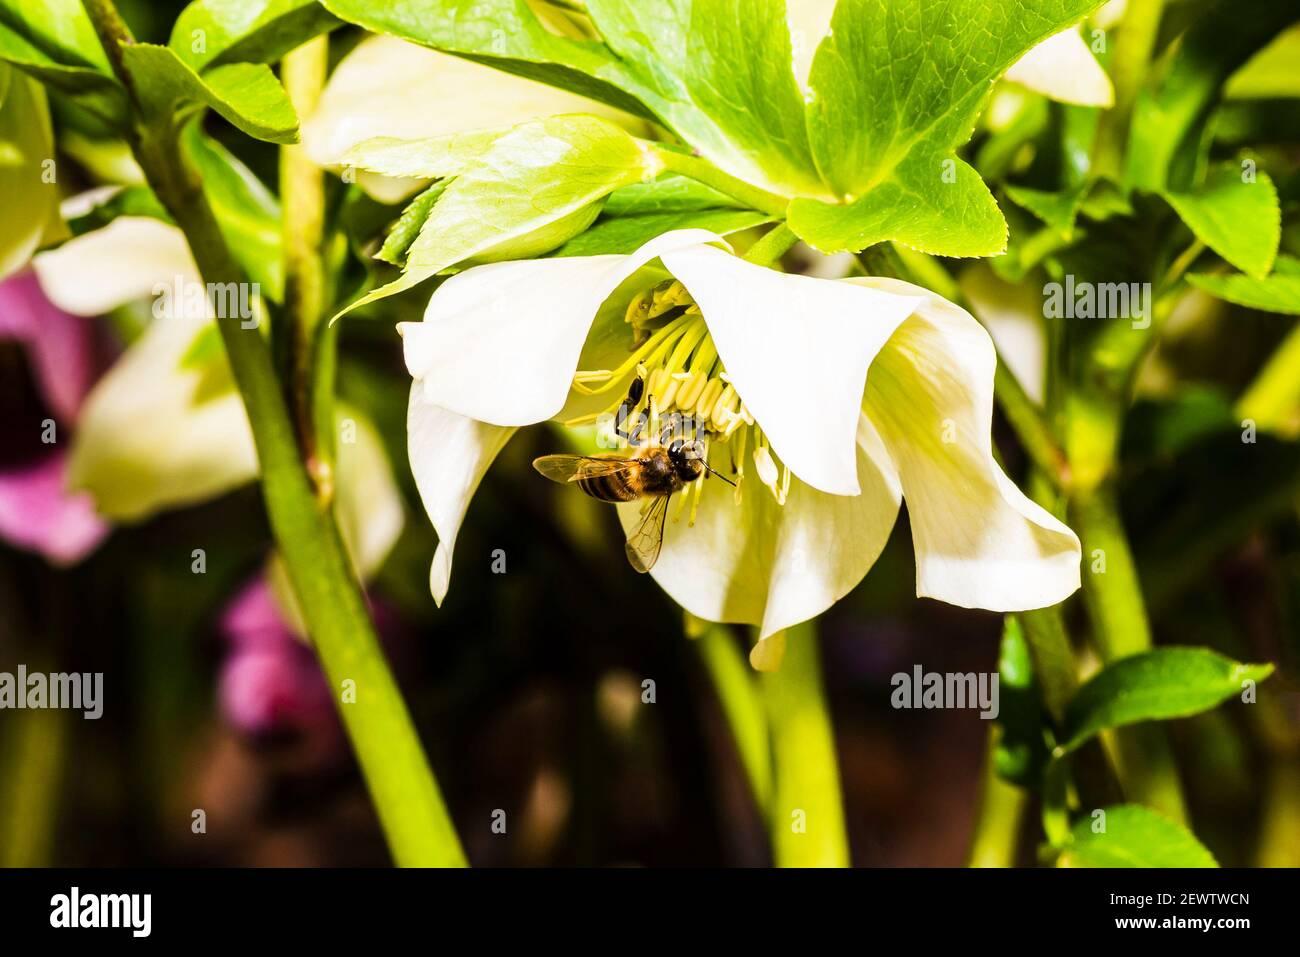 Primer plano de una abeja de miel en un Hellebore en un jardín del norte de Londres, Londres, Reino Unido Foto de stock